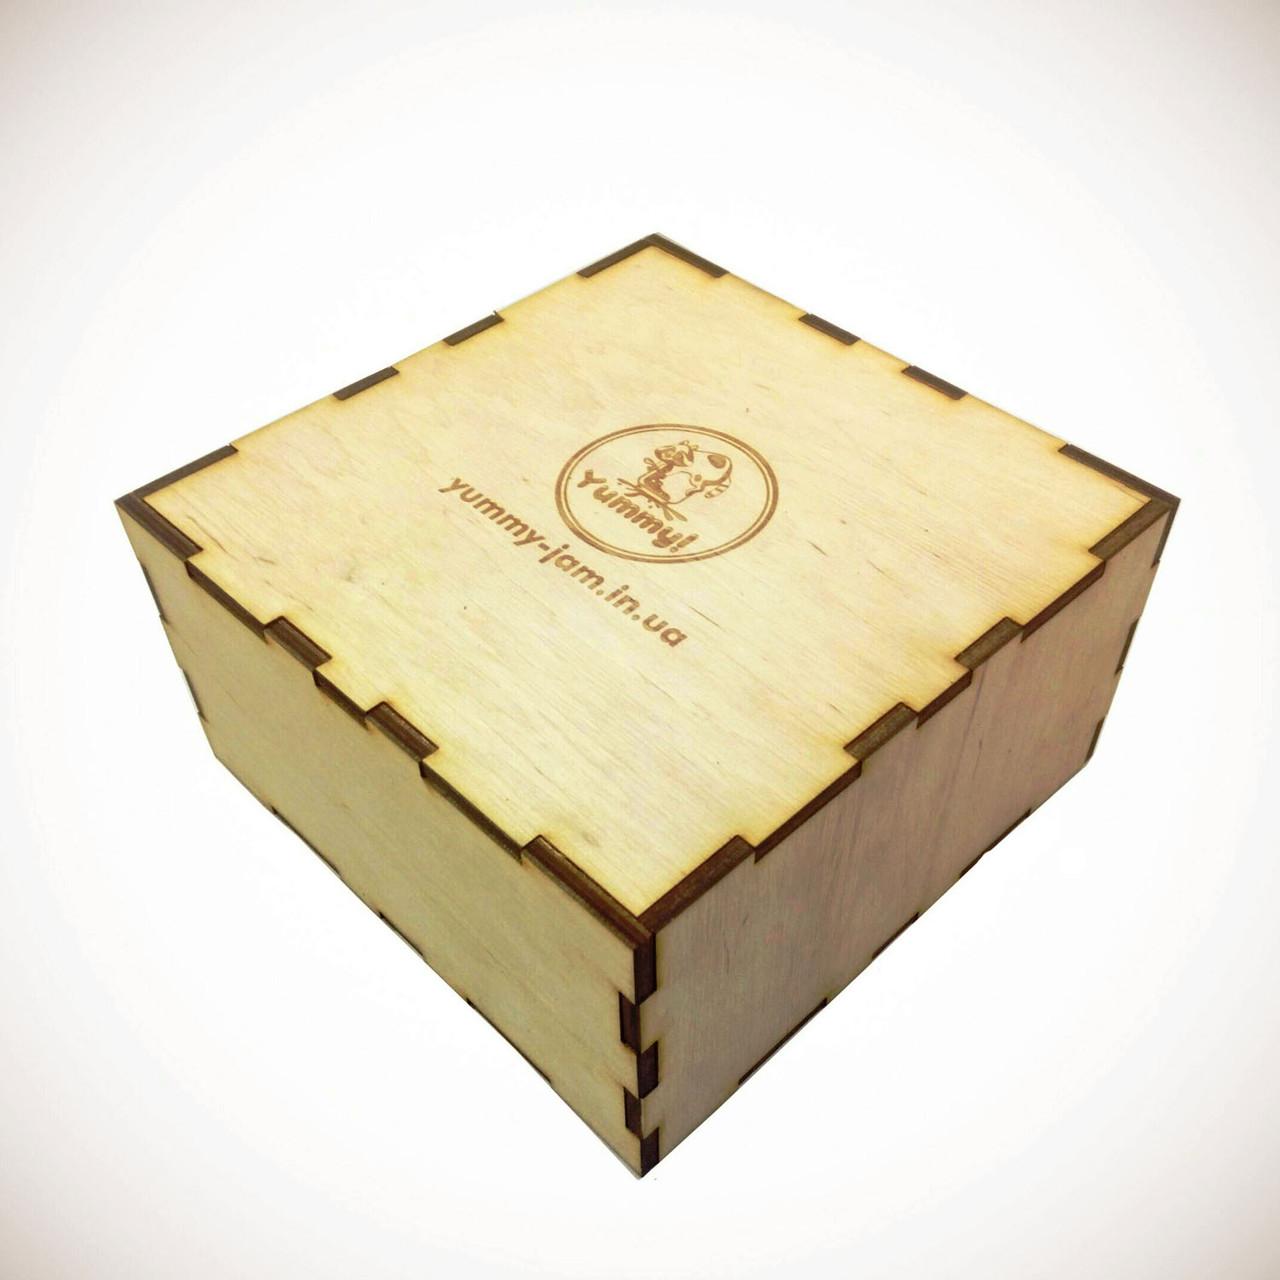 Деревянные коробки. Шкатулки свадебные. Деревянные коробки с гравировкой. Подарочная коробка.